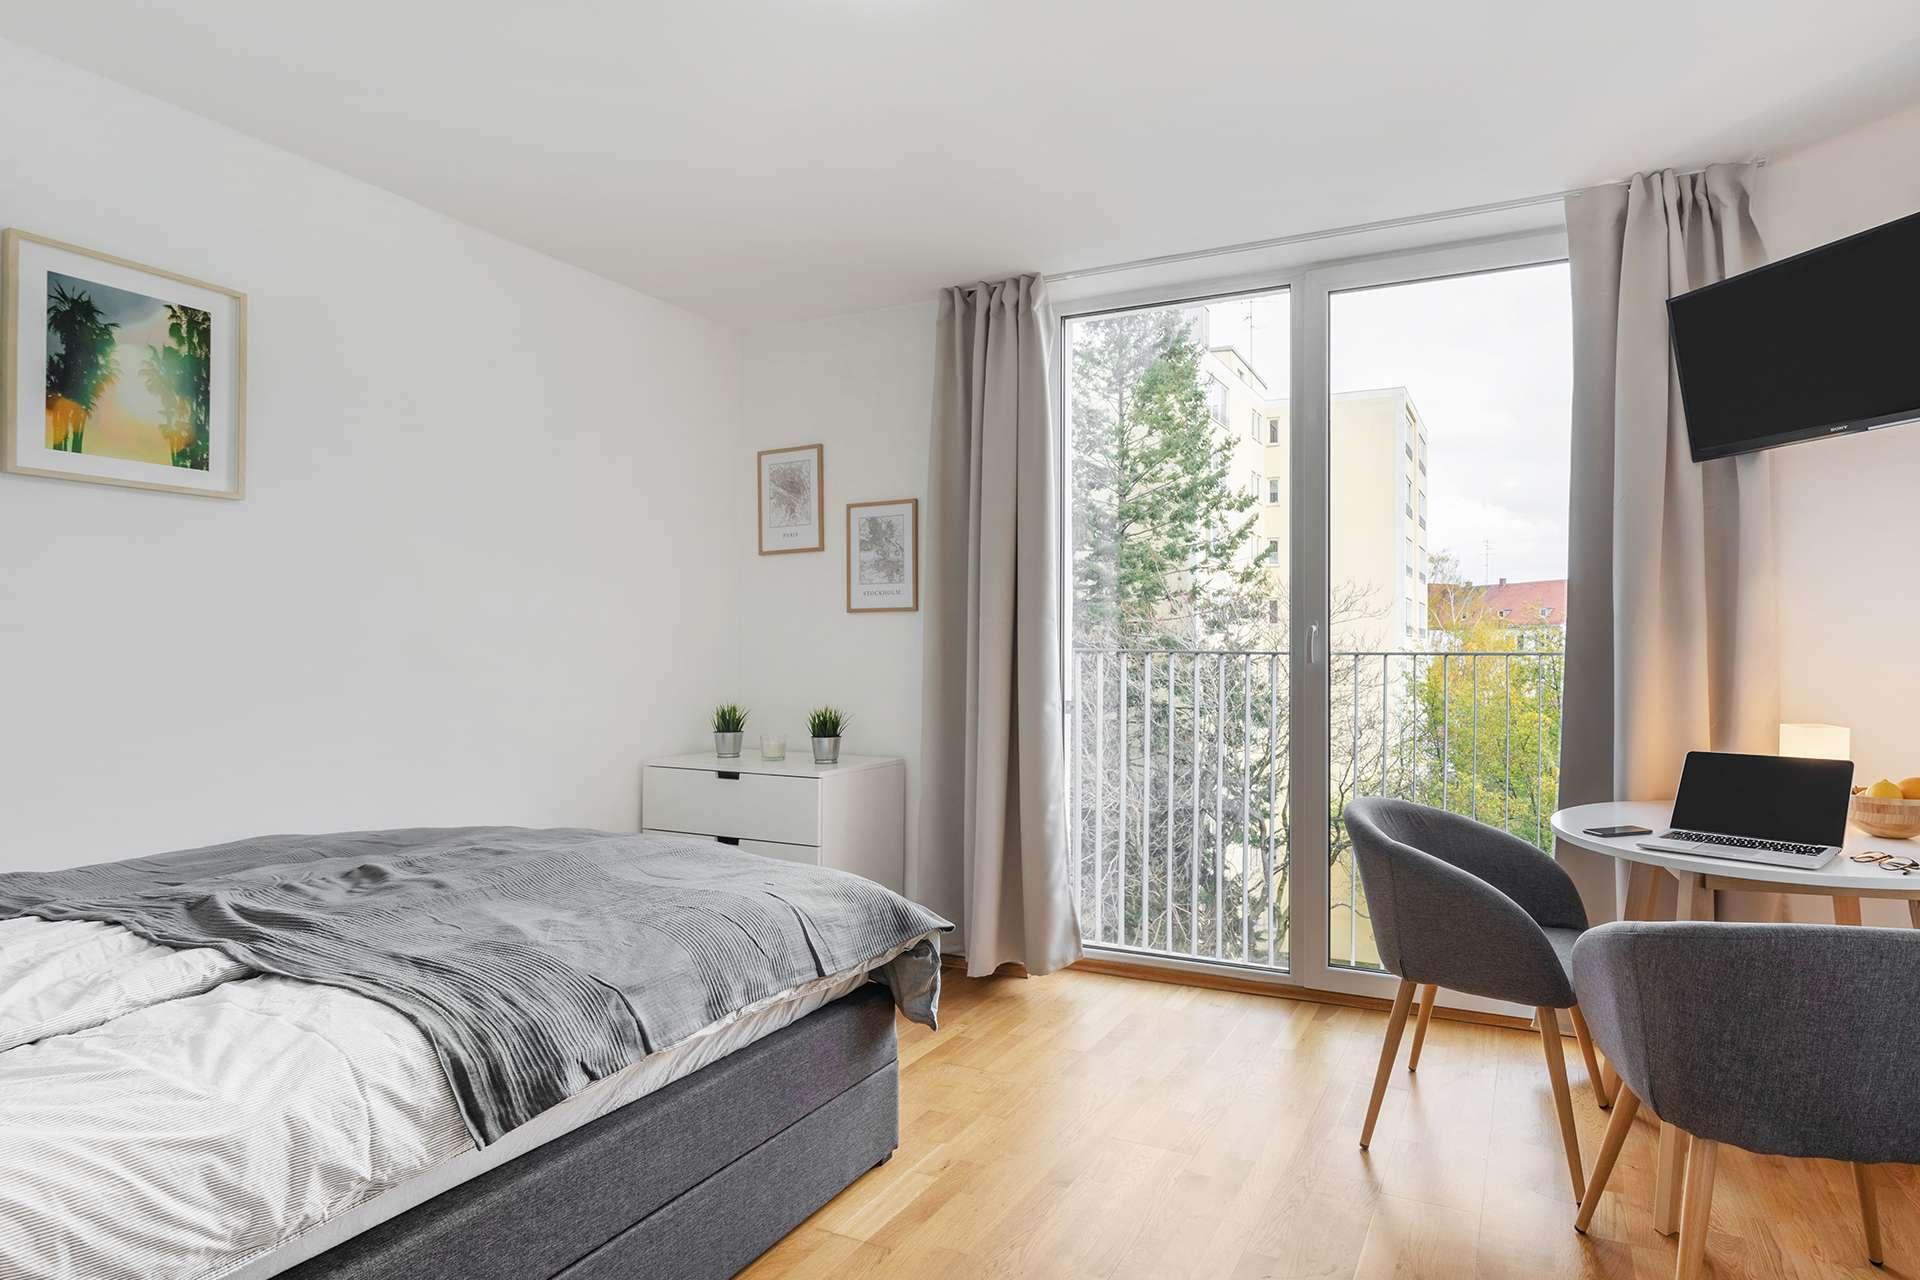 Voll möbliertes Business Apartment (21qm) in zentraler Lage in Neuhausen (München)